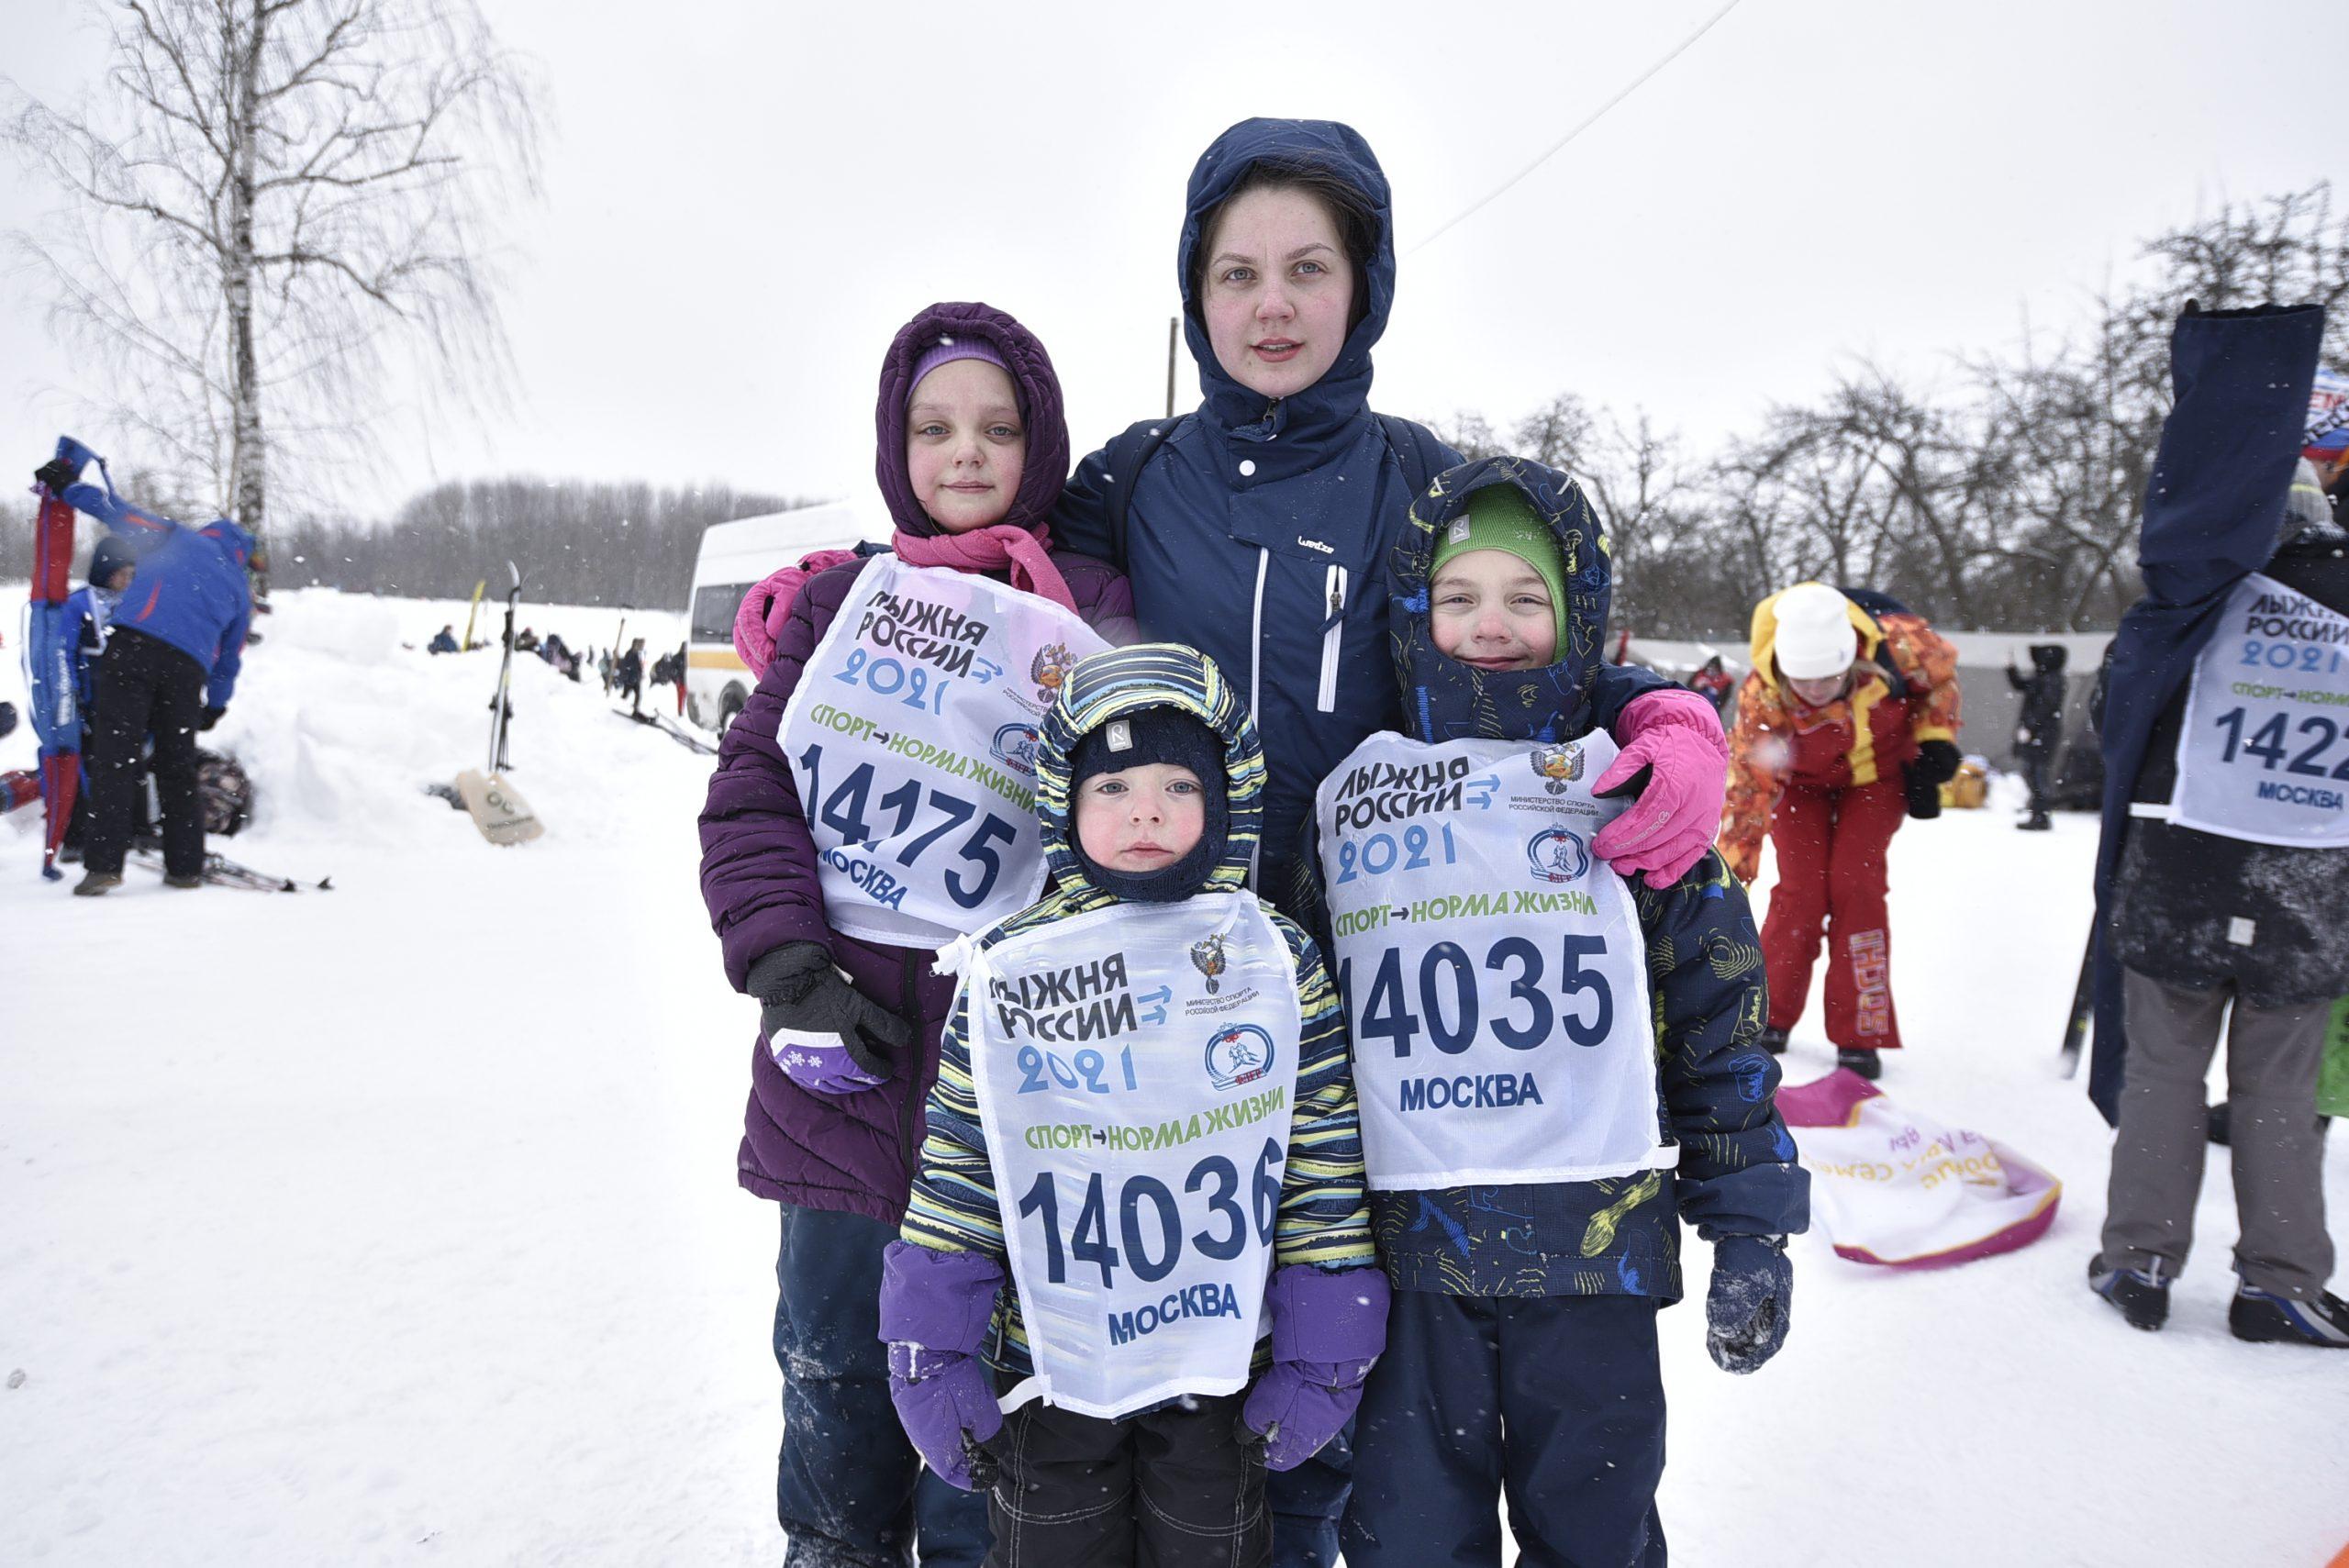 Юные лыжники одолели сложную гоночную трассу